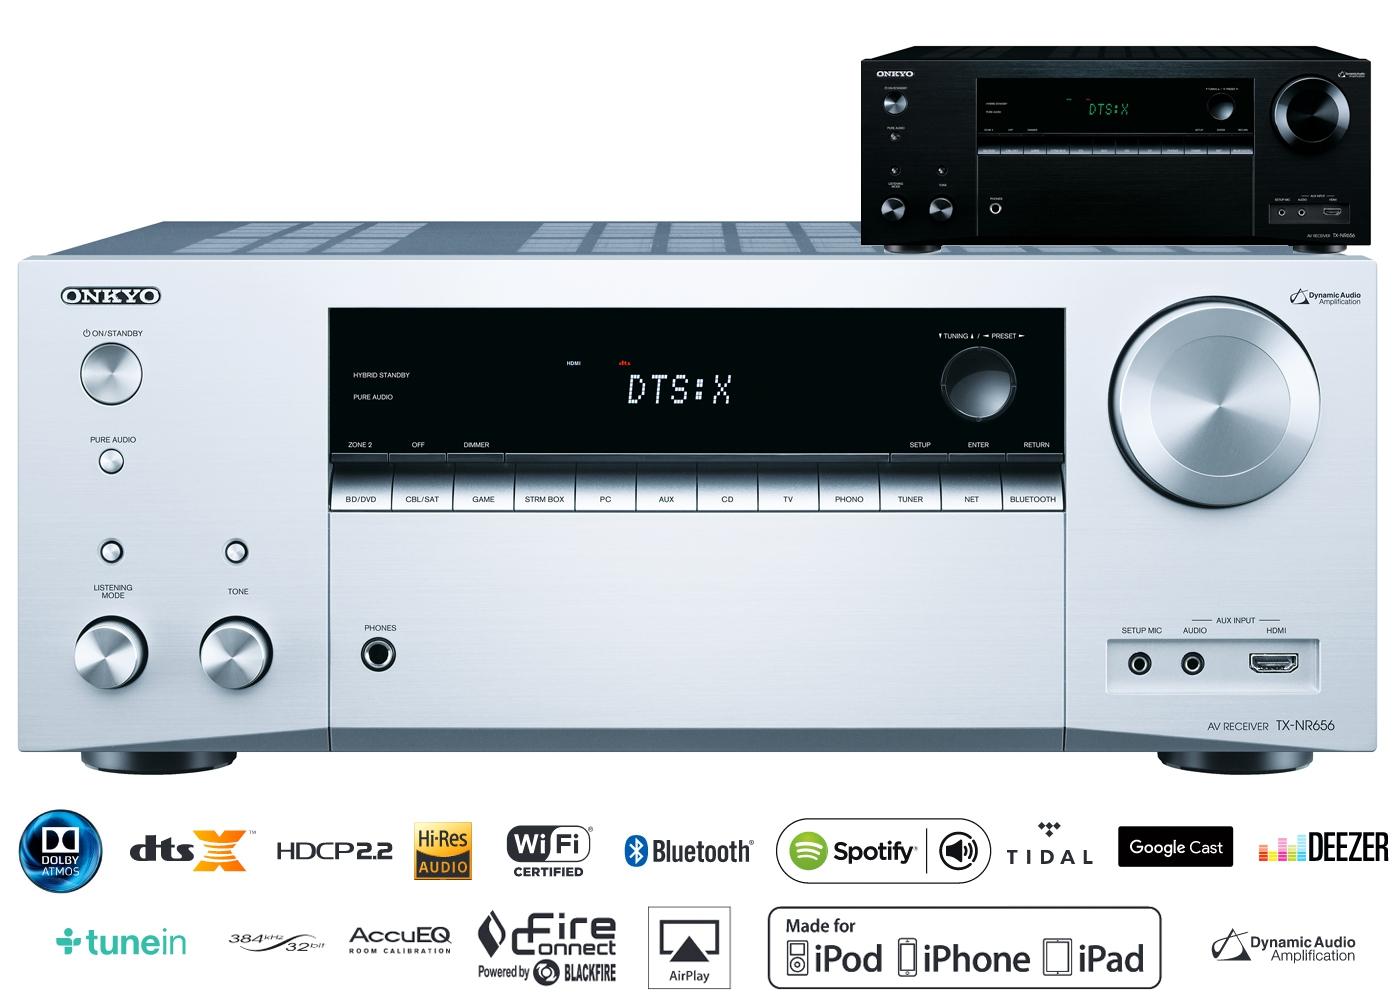 [Media Markt Hamburg] Onkyo TX-NR656 für 399€ statt 495€ 7.2-Kanal-A/V-Netzwerk-Receiver (160 W/Kanal,DTS:X aufrüstbar, Dolby Atmos, AirPlay)